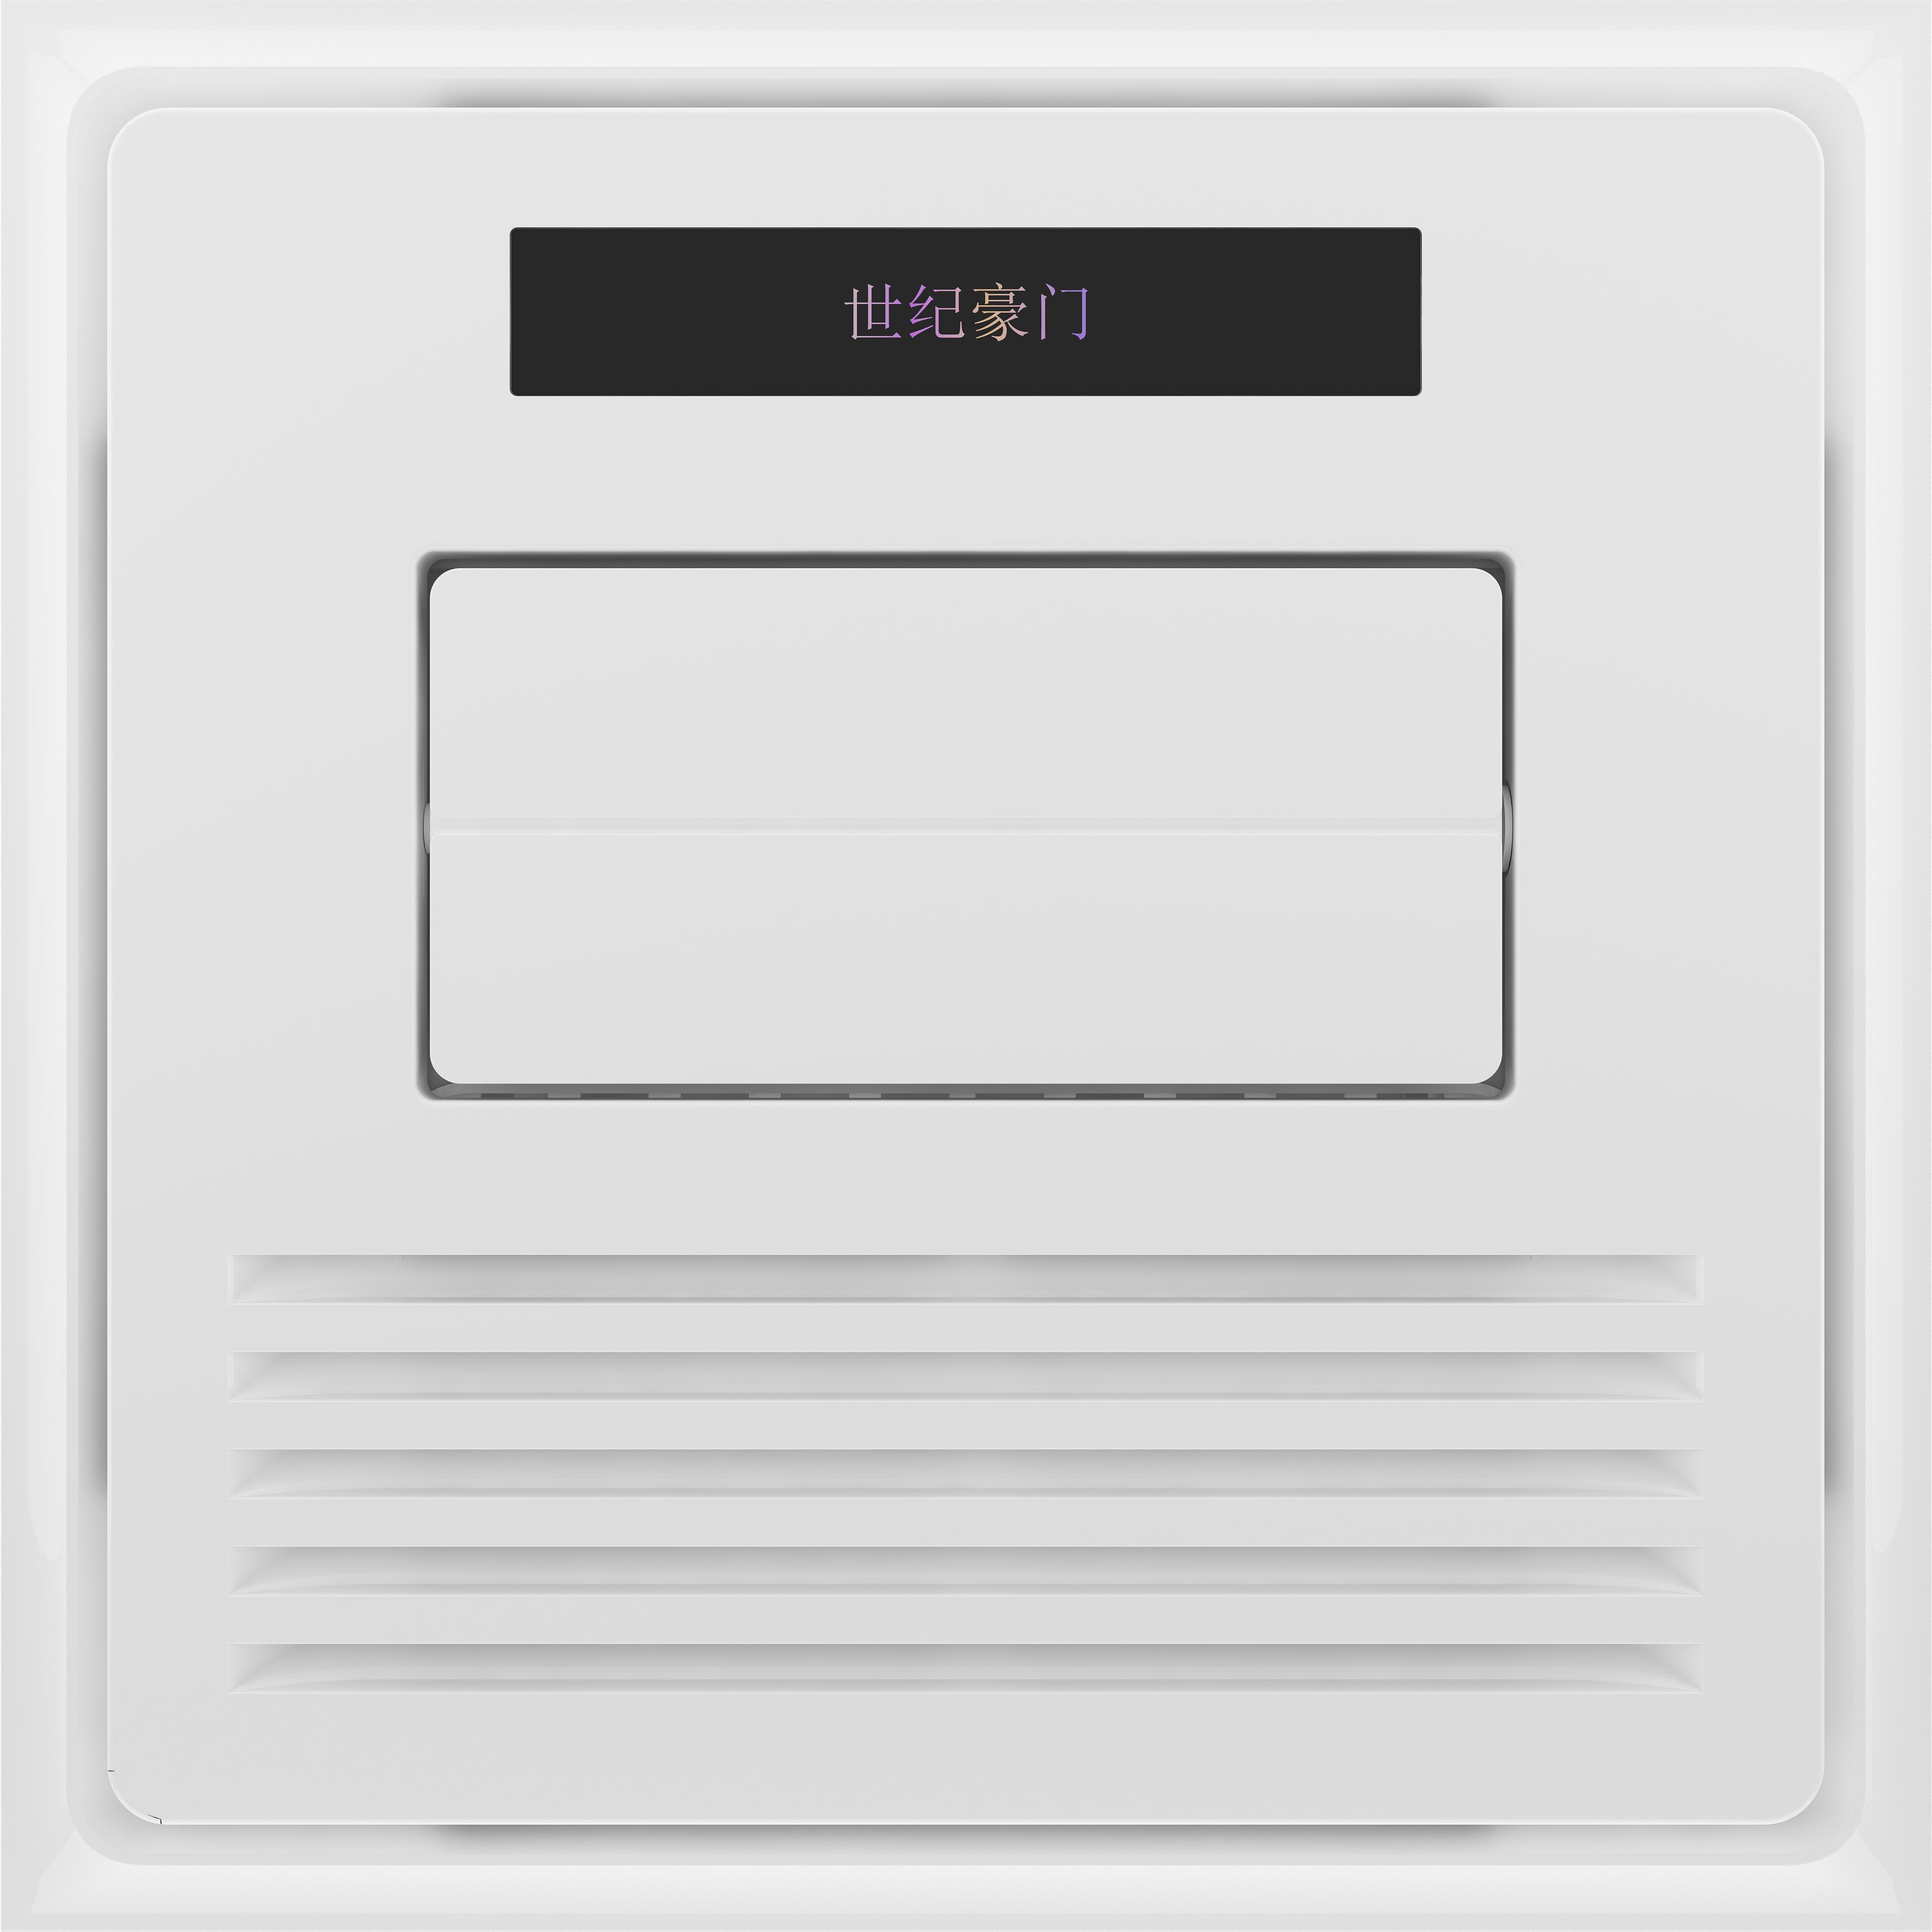 产品型号:HM-325-F2; 规格:325*325; 价格:960元/台;开关:触屏开关